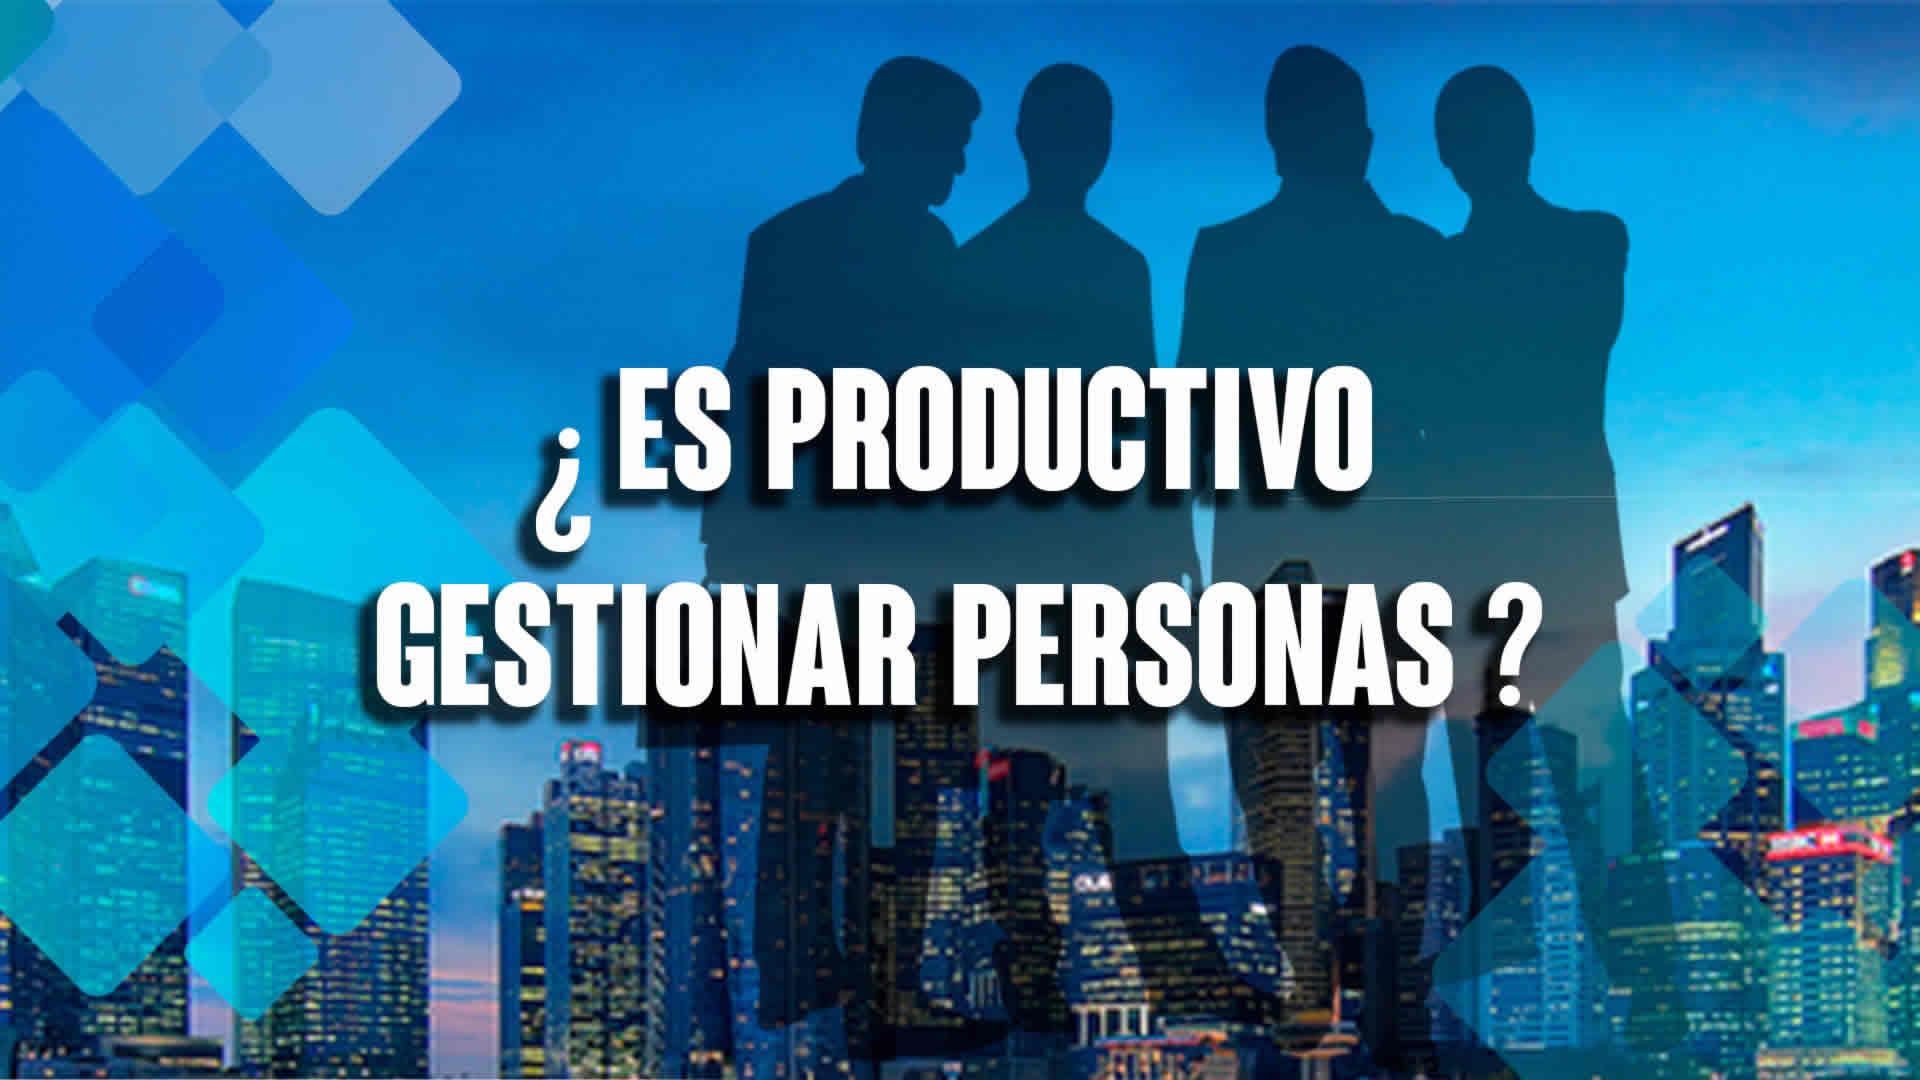 ¿Es productivo gestionar personas?